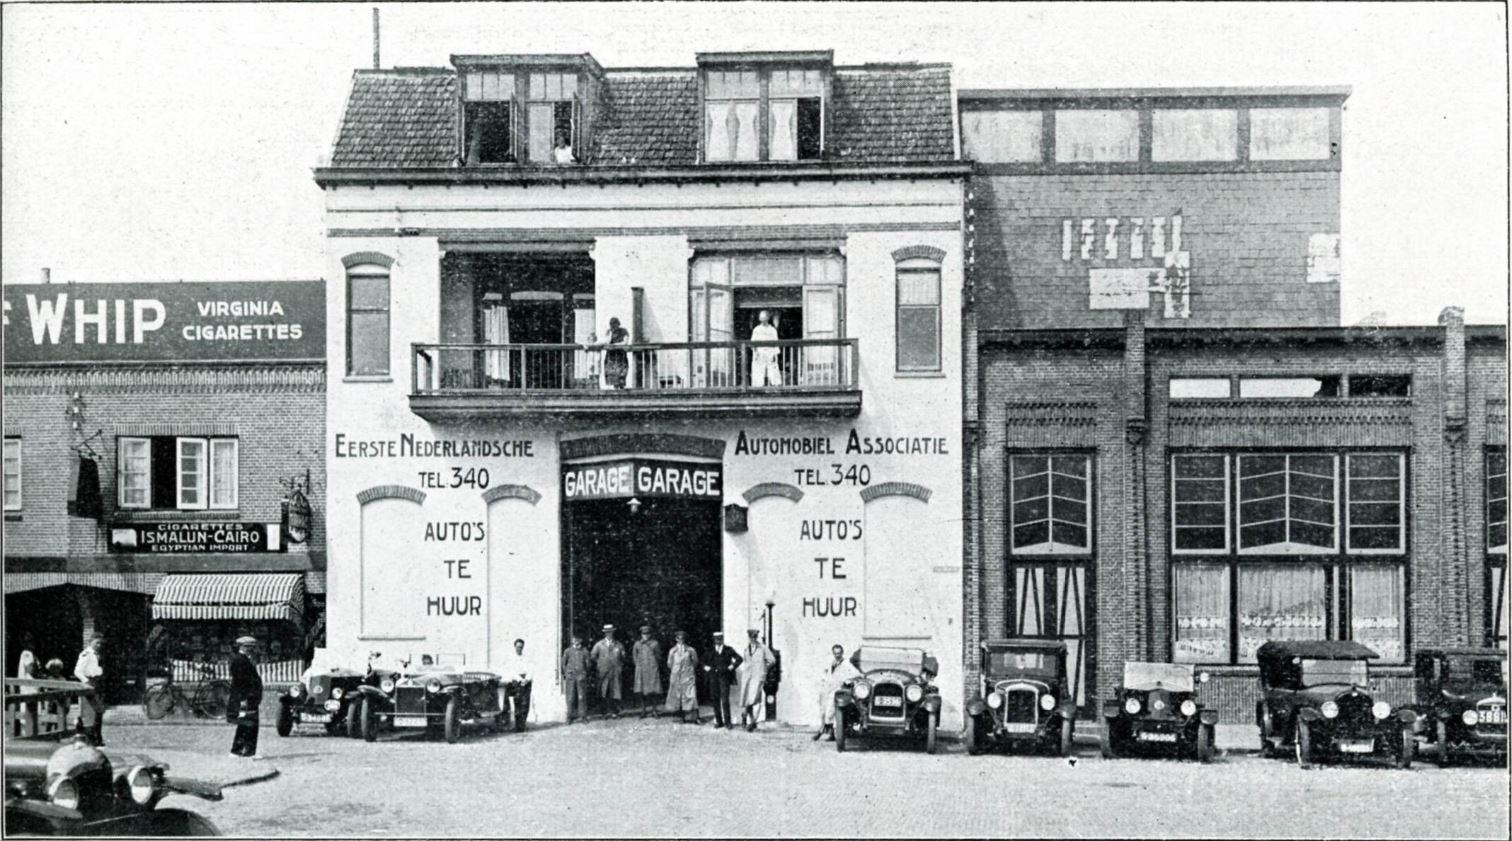 1925-Zandvoort-garage-tegen-over-station